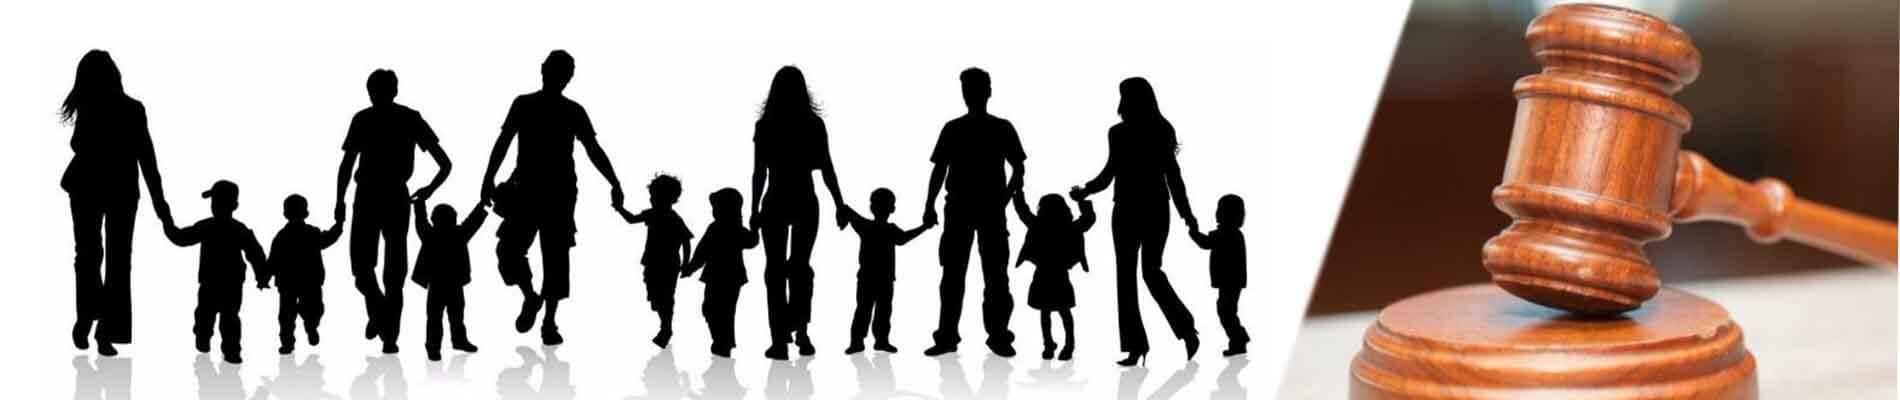 Как происходит установление отцовства в органах загс?